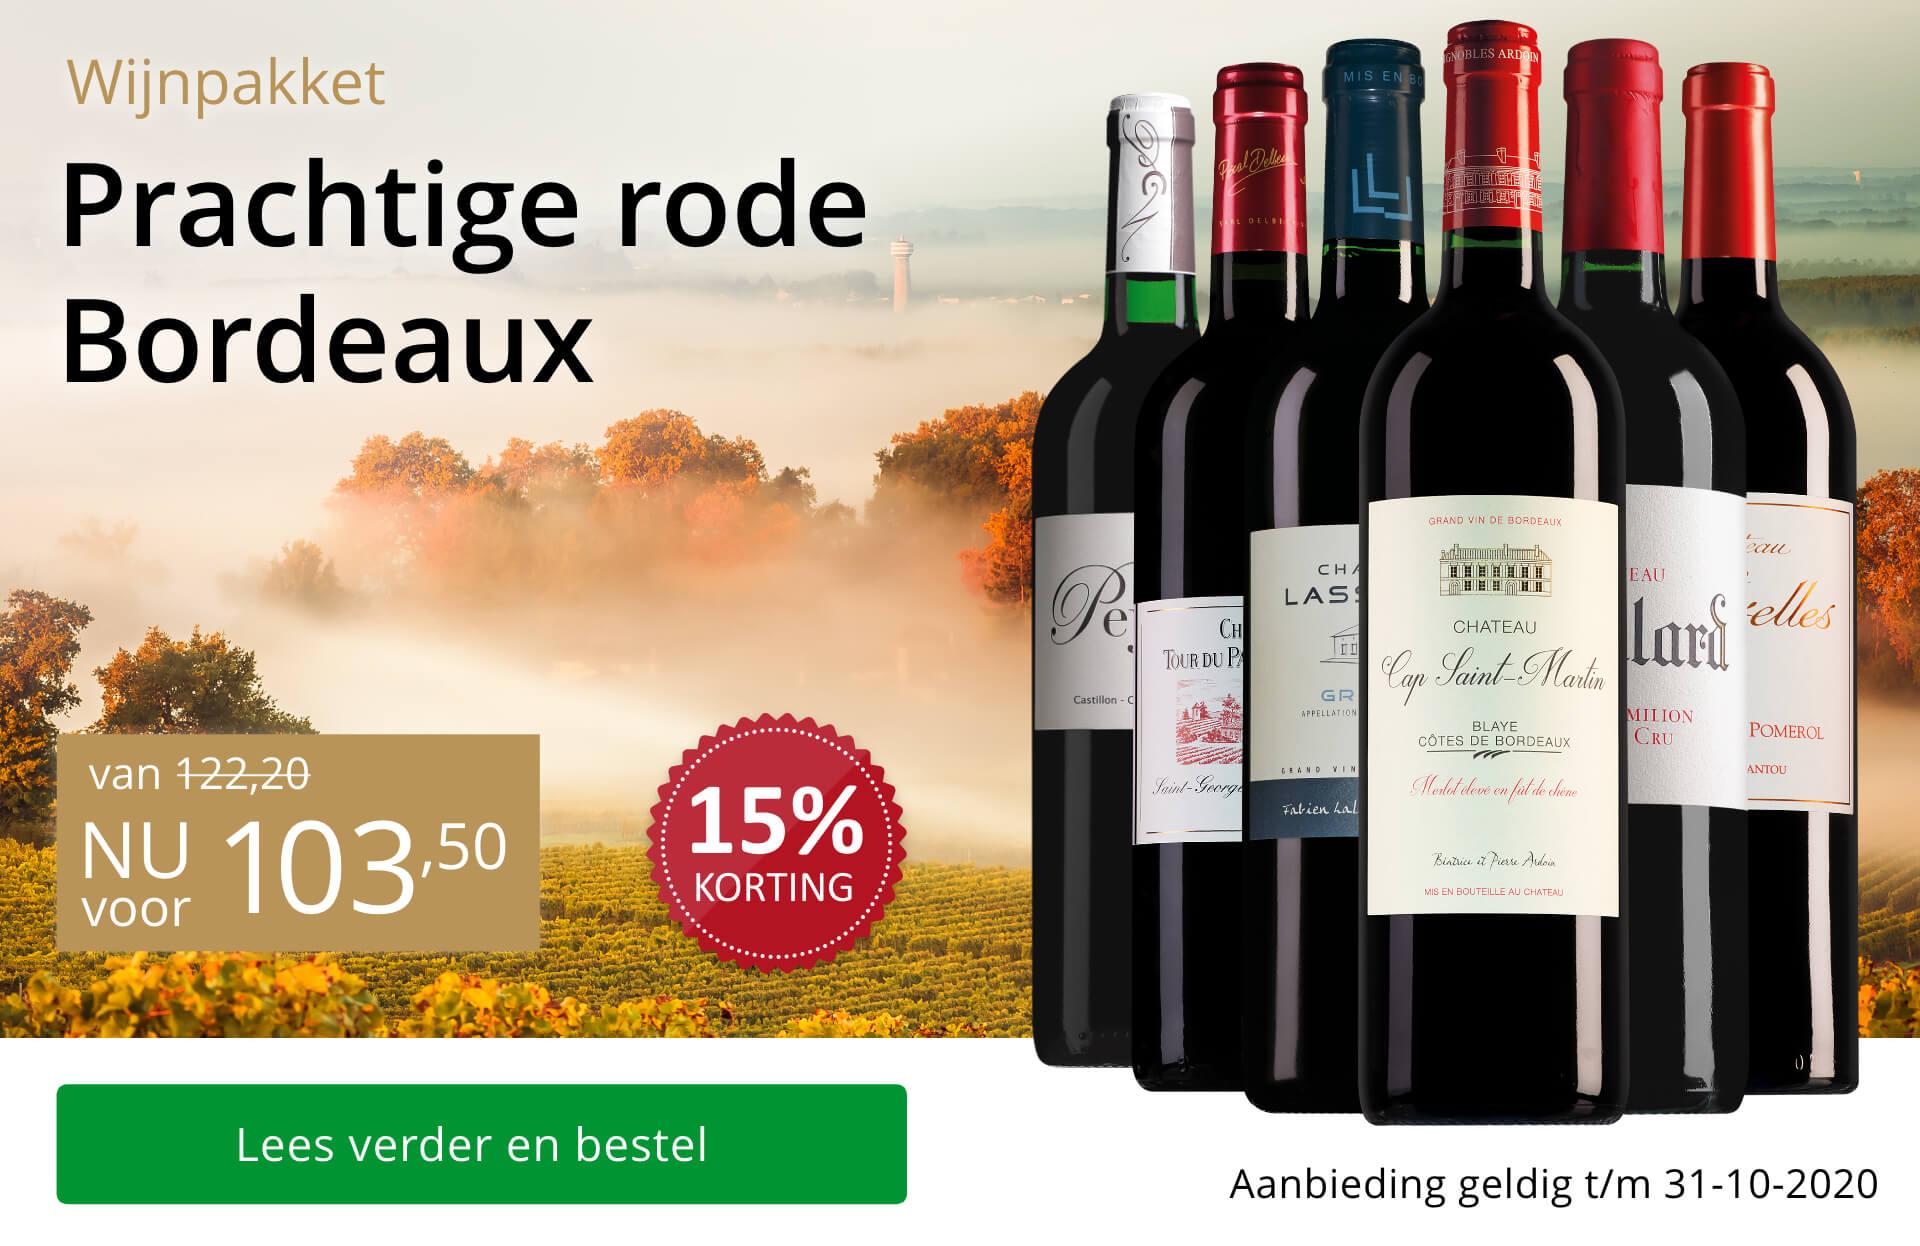 Wijnpakket rode Bordeaux (103,50) - goud/zwart